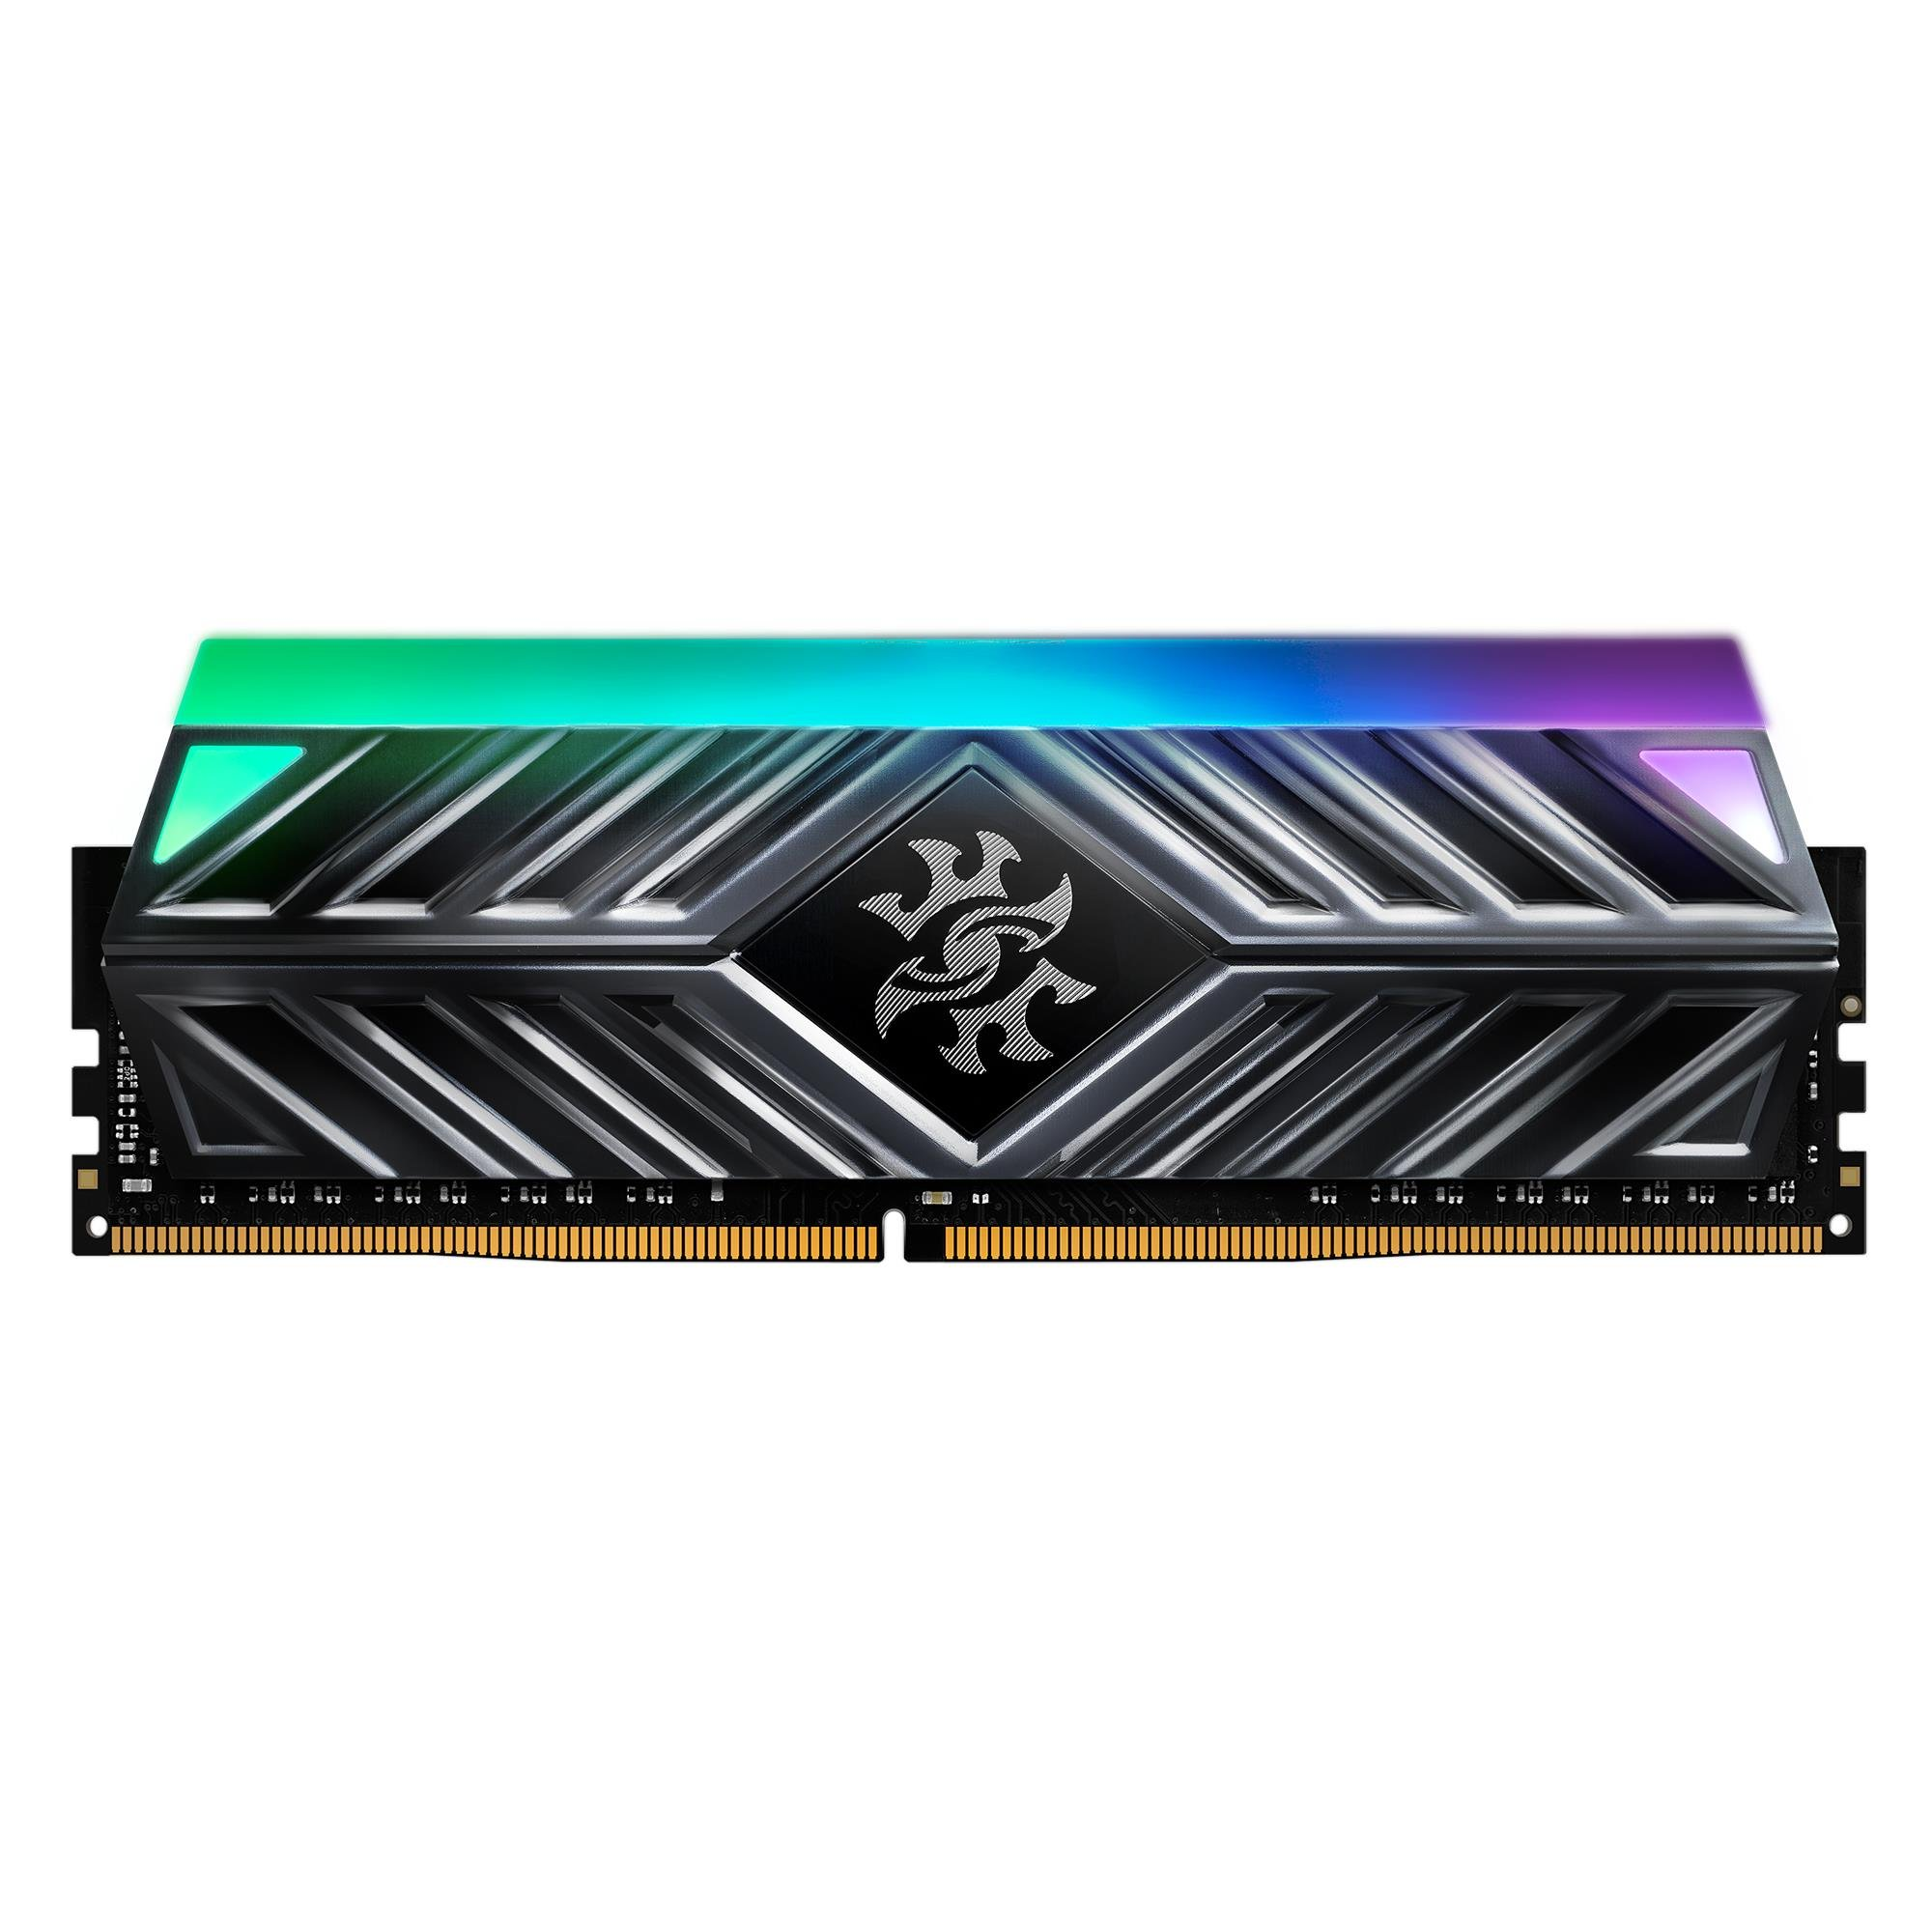 Memoria RAM 16GB XPG Spectrix D41 DDR4 RGB 3000MHz (2x8GB) 288-Pin PC4-24000 U-DIMM Retail Kit Grey (AX4U300038G16-DT41)